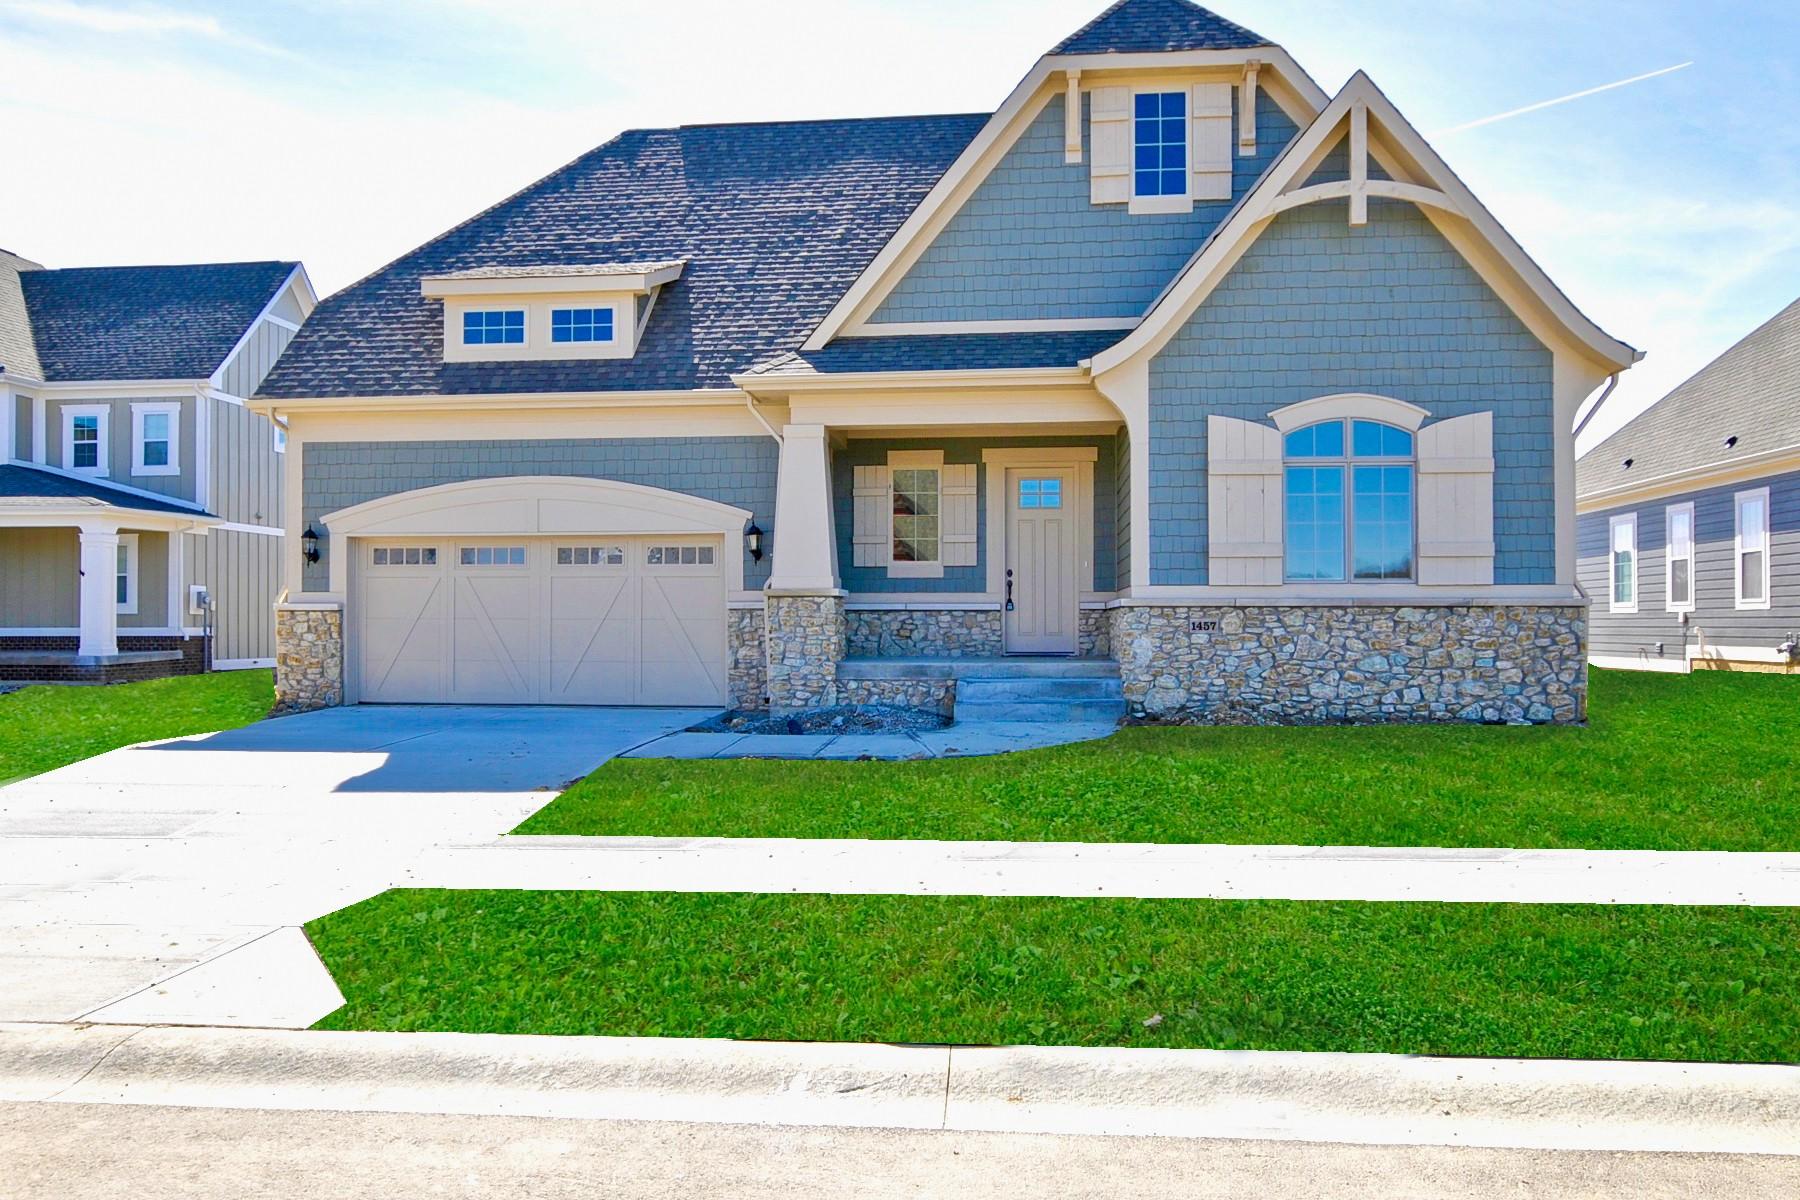 Частный односемейный дом для того Продажа на The Belcrest Model Ready for You 1457 Avondale Drive Westfield, Индиана, 46074 Соединенные Штаты